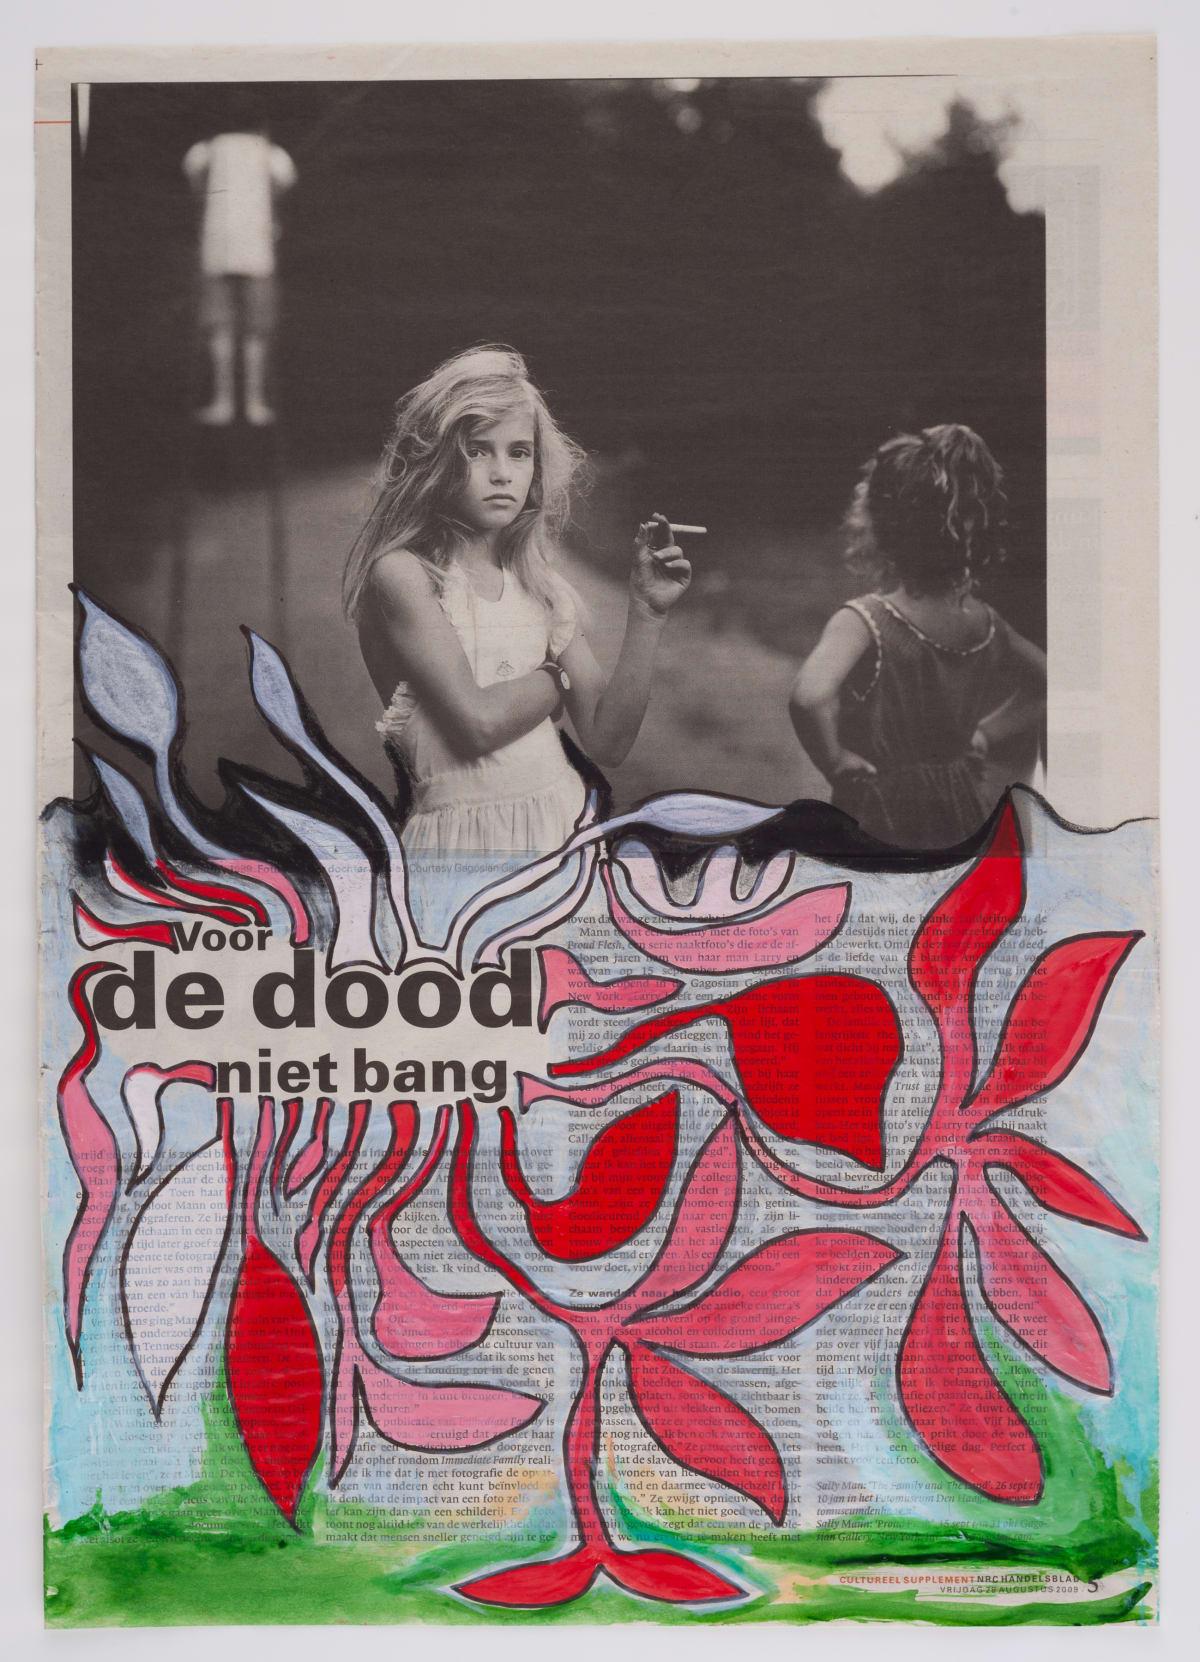 Yvette Taminiau, Afraid of Nothing, 2009